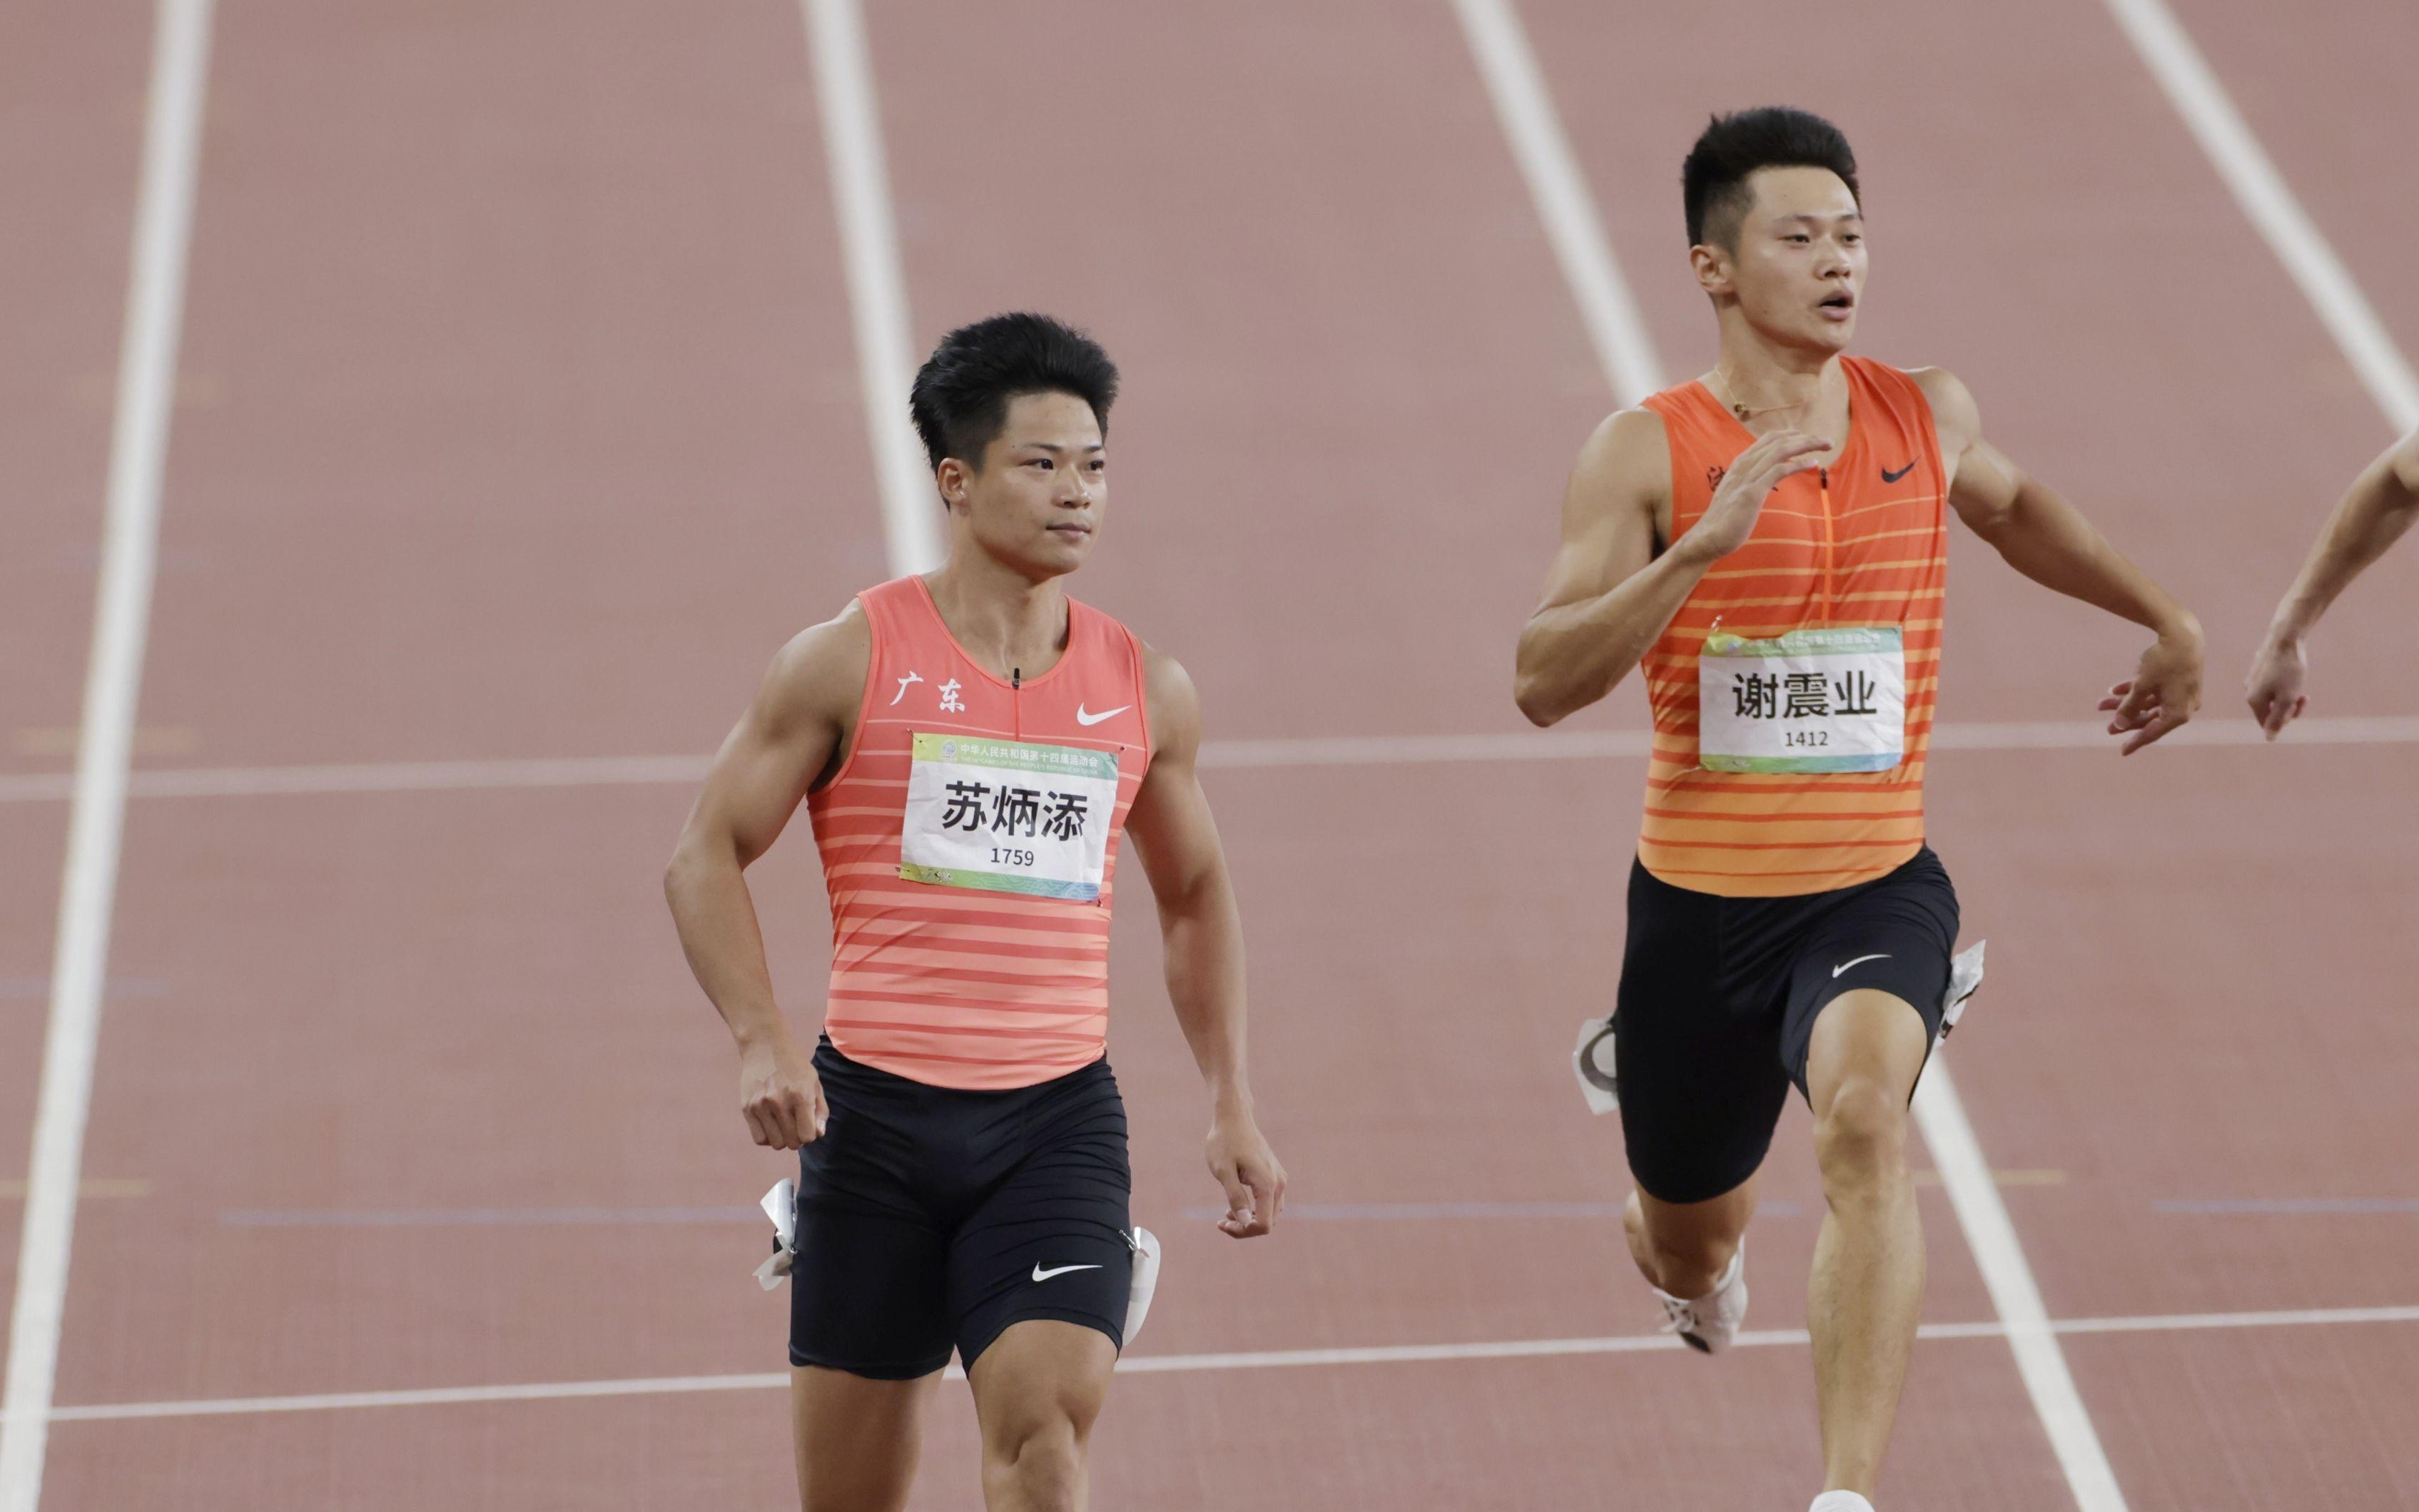 新闻8点见│9秒95!苏炳添首夺全运会百米冠军